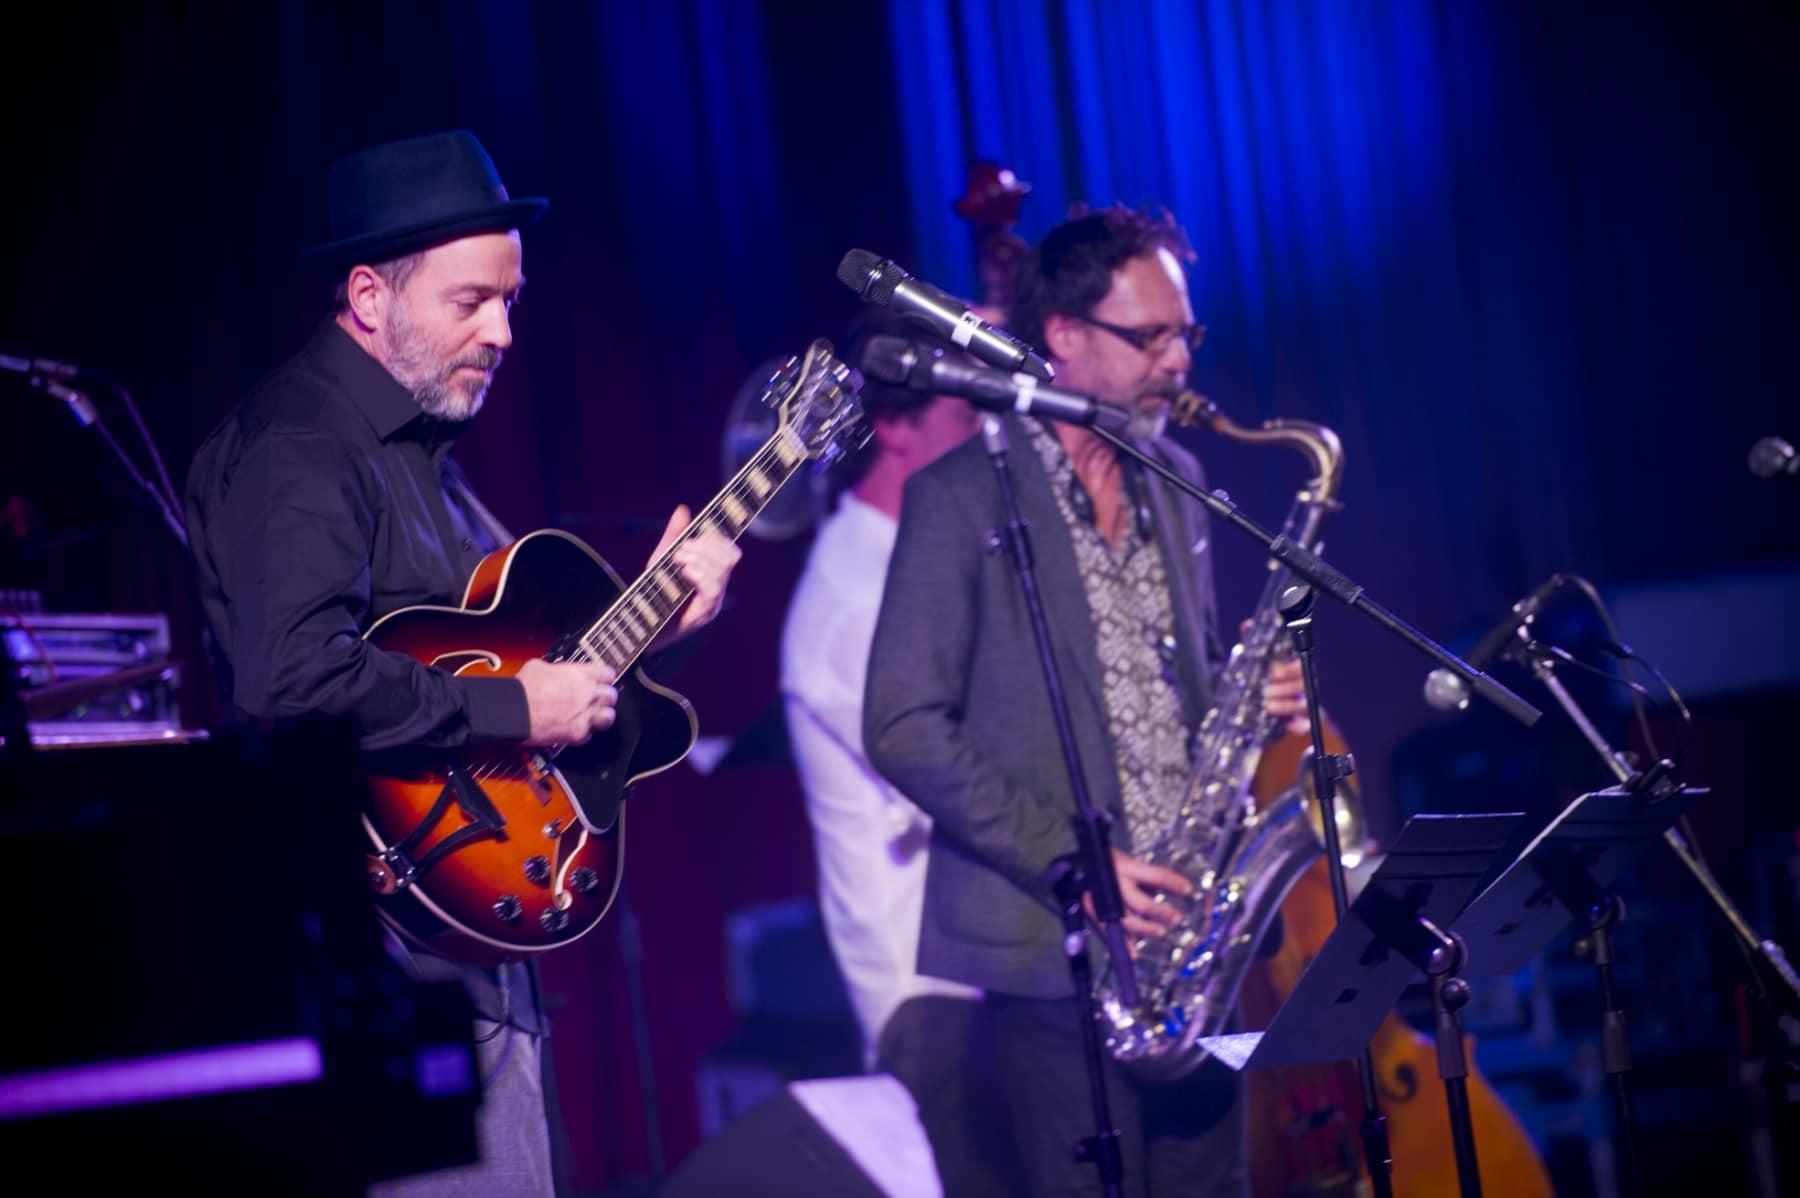 festival-internacional-de-jazz-gibraltar-25102014-33_15444324099_o